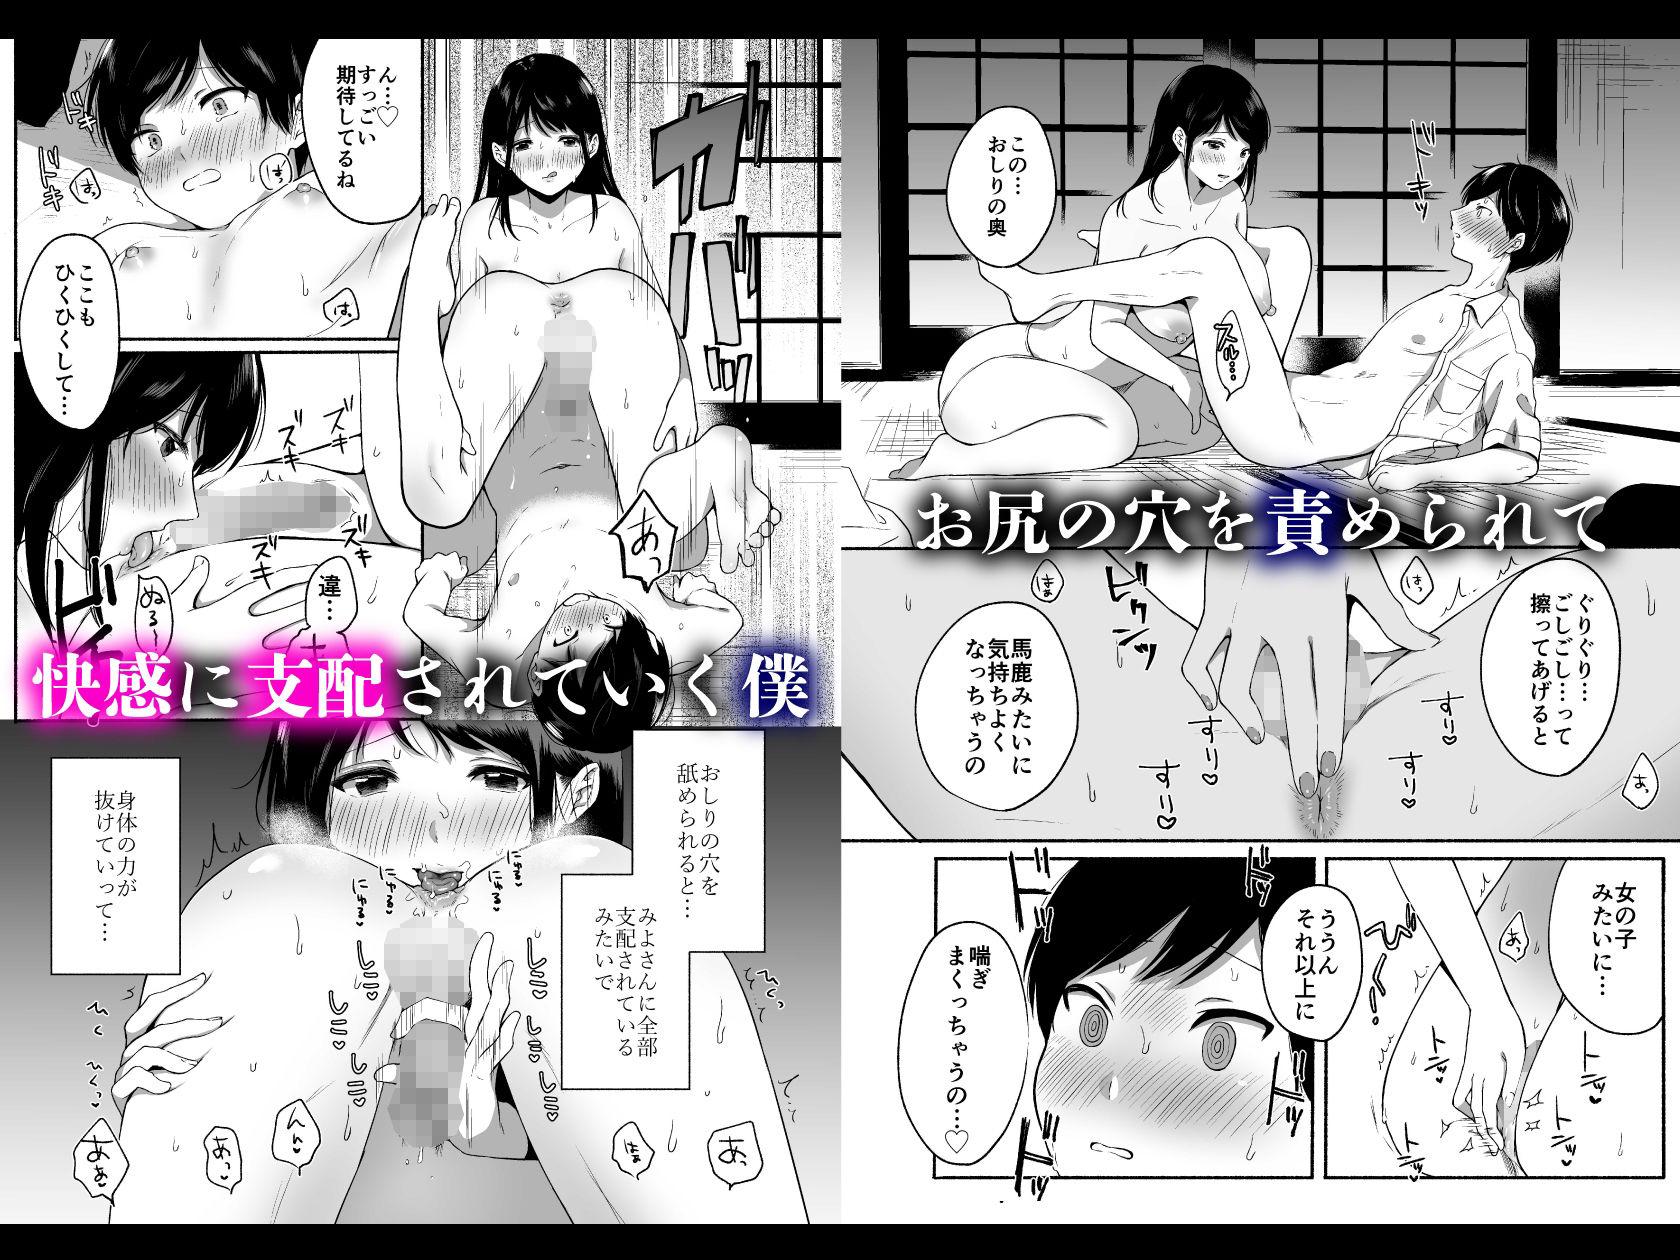 【エロ漫画】僕と夏の秘密 巨乳妻に前立腺を開発されたM男が‥「サークル:三崎」【同人誌・コミック】#3